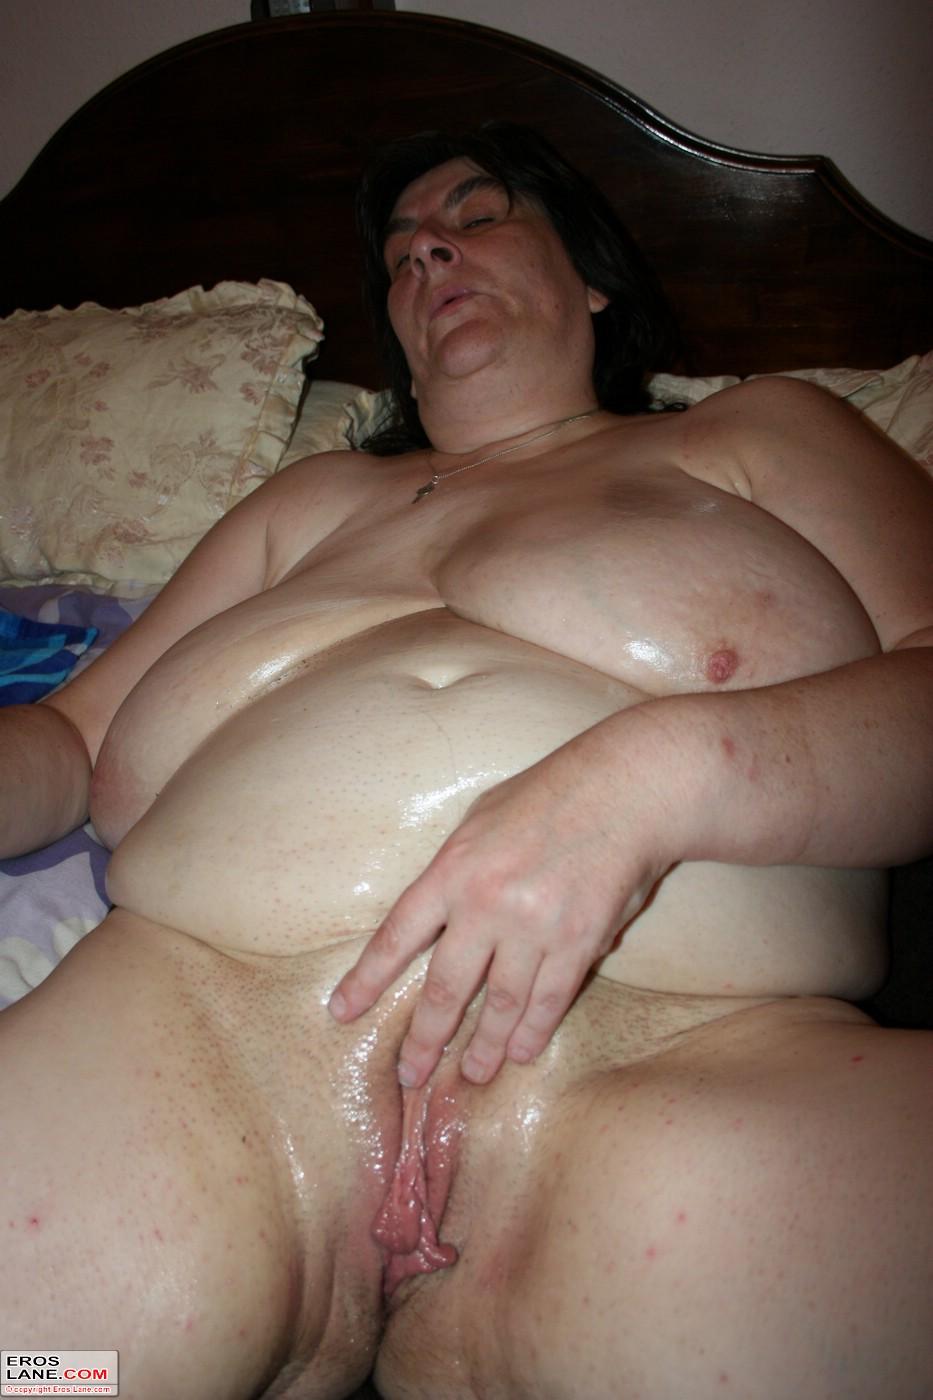 bbw vagina tumblr